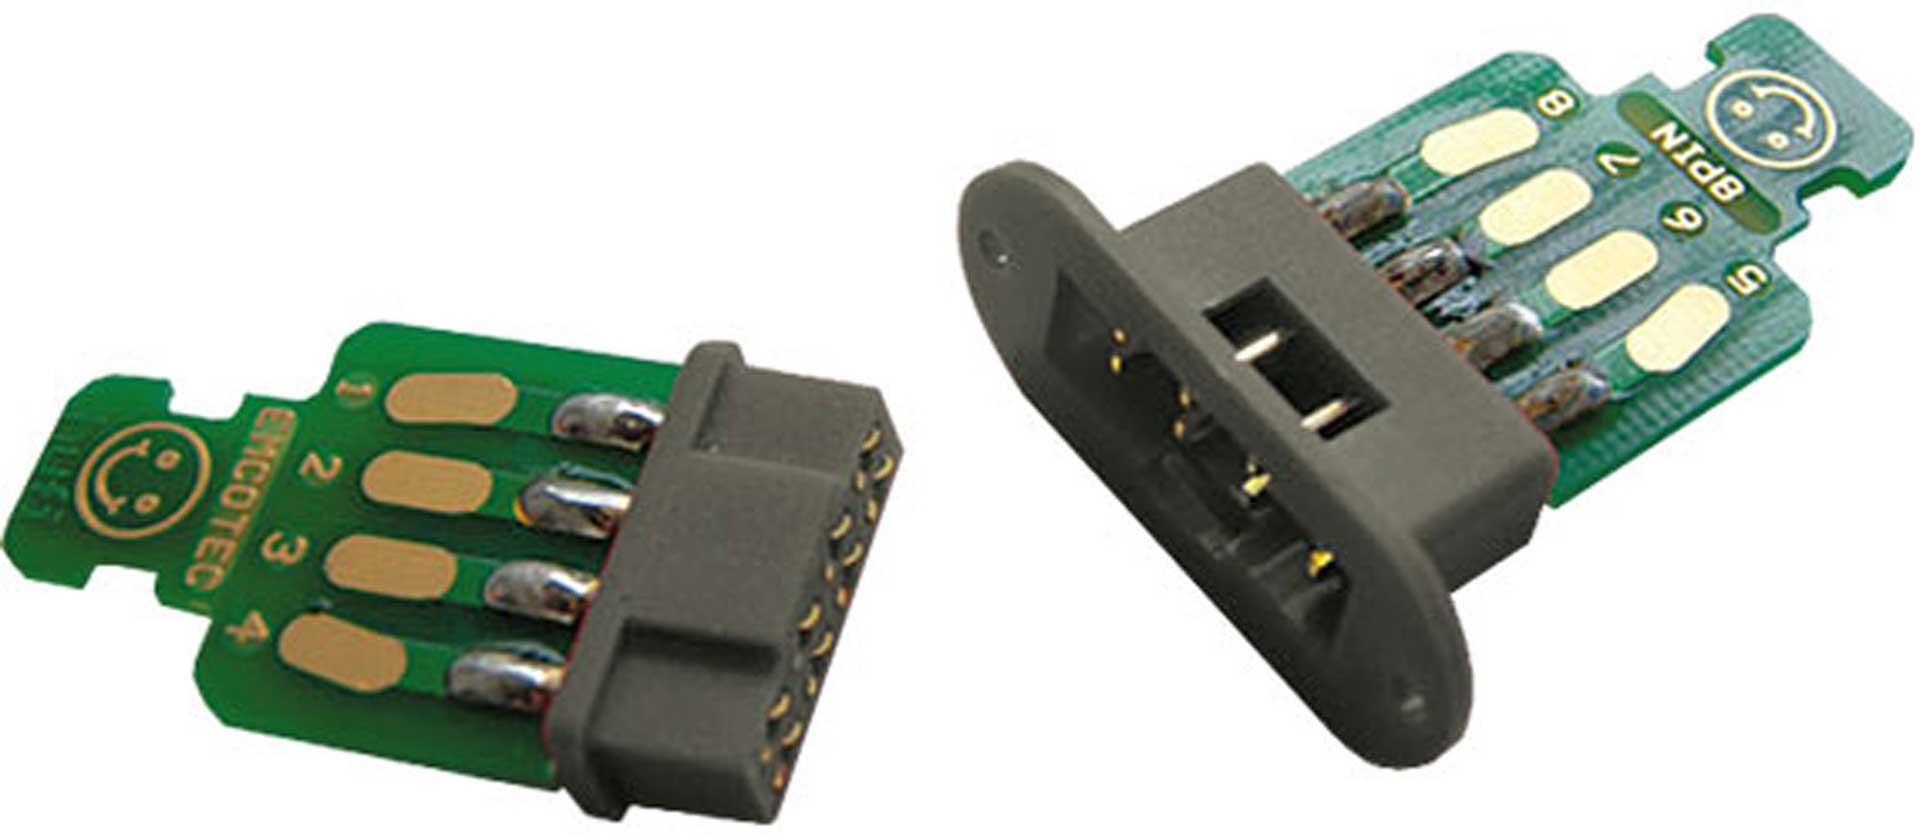 EMCOTEC CONNECTEURS POUR AILES 8 POLES 2 PAIRES, CONNECTEURS AVEC PLATINES ET FIXATIONS